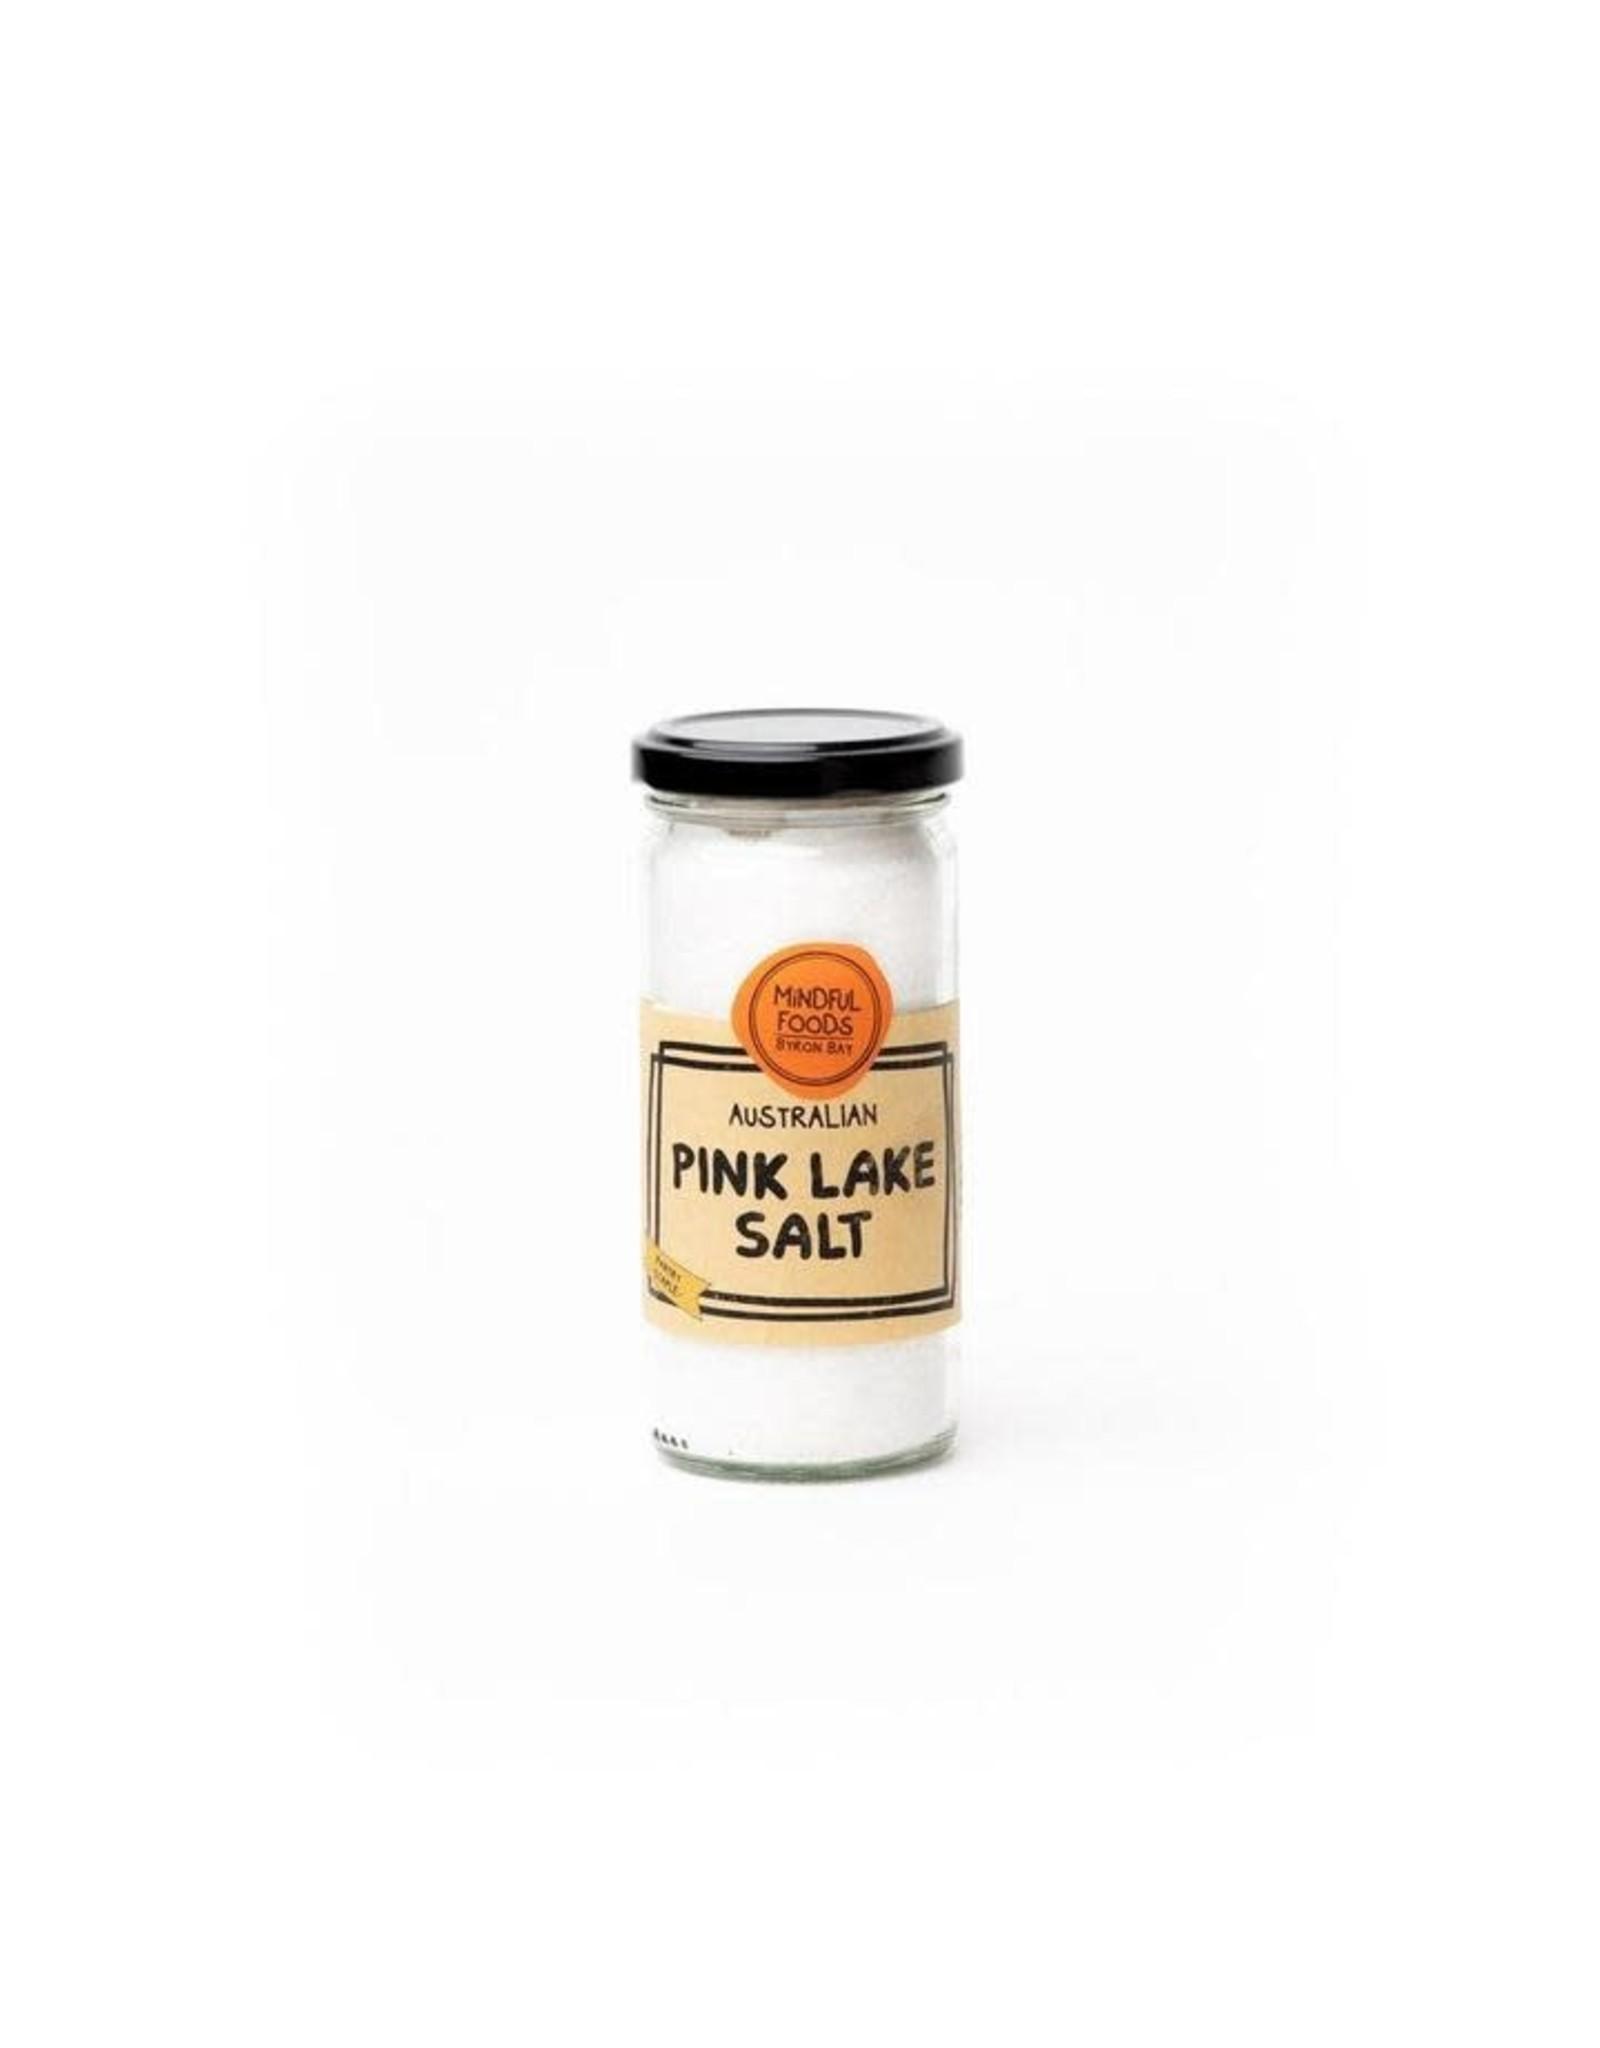 Mindful Foods Pink Lake Salt (Victorian) 250g